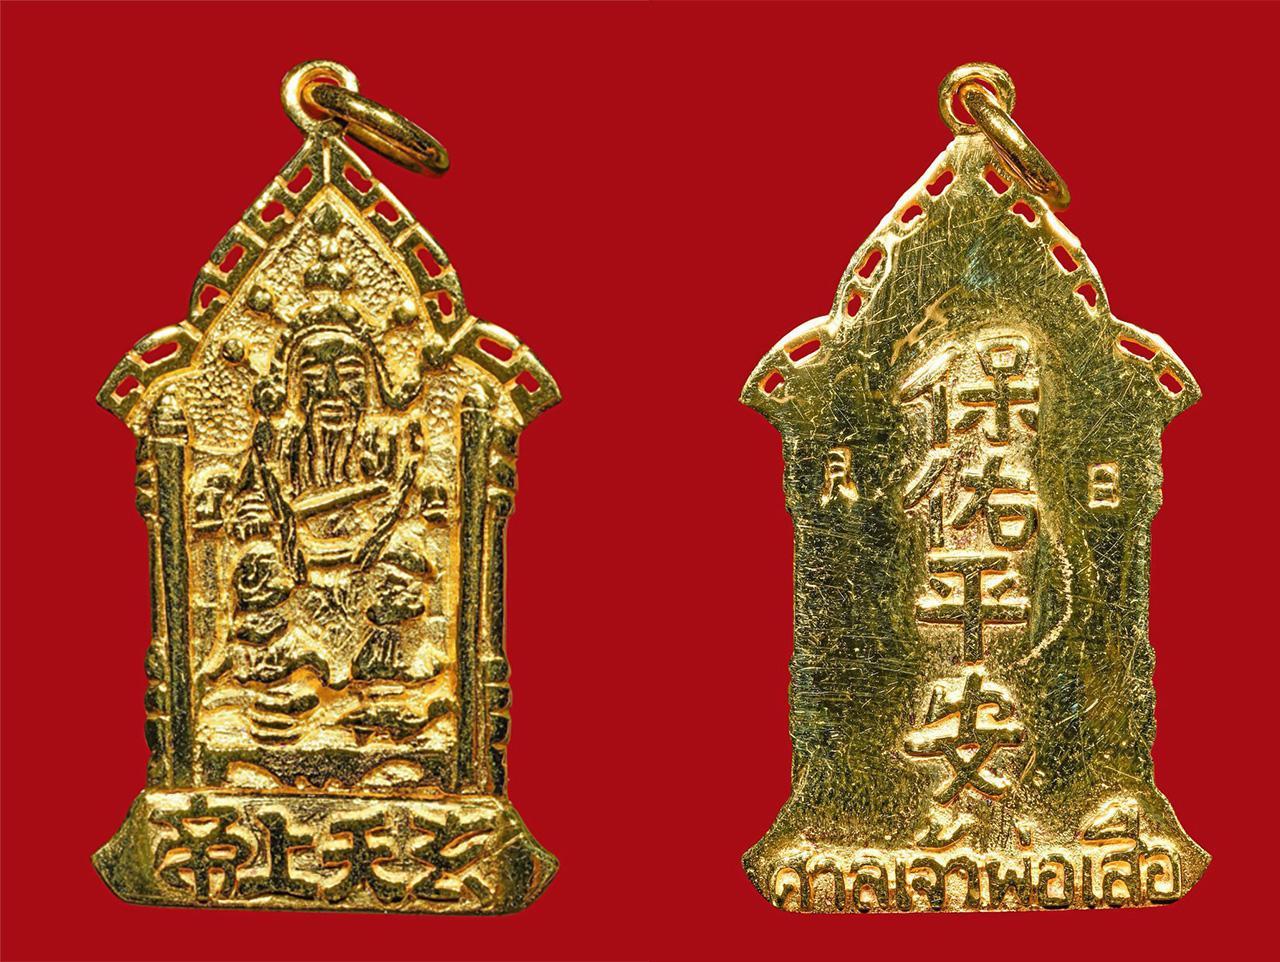 เหรียญเจ้าพ่อเสือ ทองคำ ศาลเจ้าพ่อเสือ กรุงเทพฯ ของเต่า พระเครื่อง.